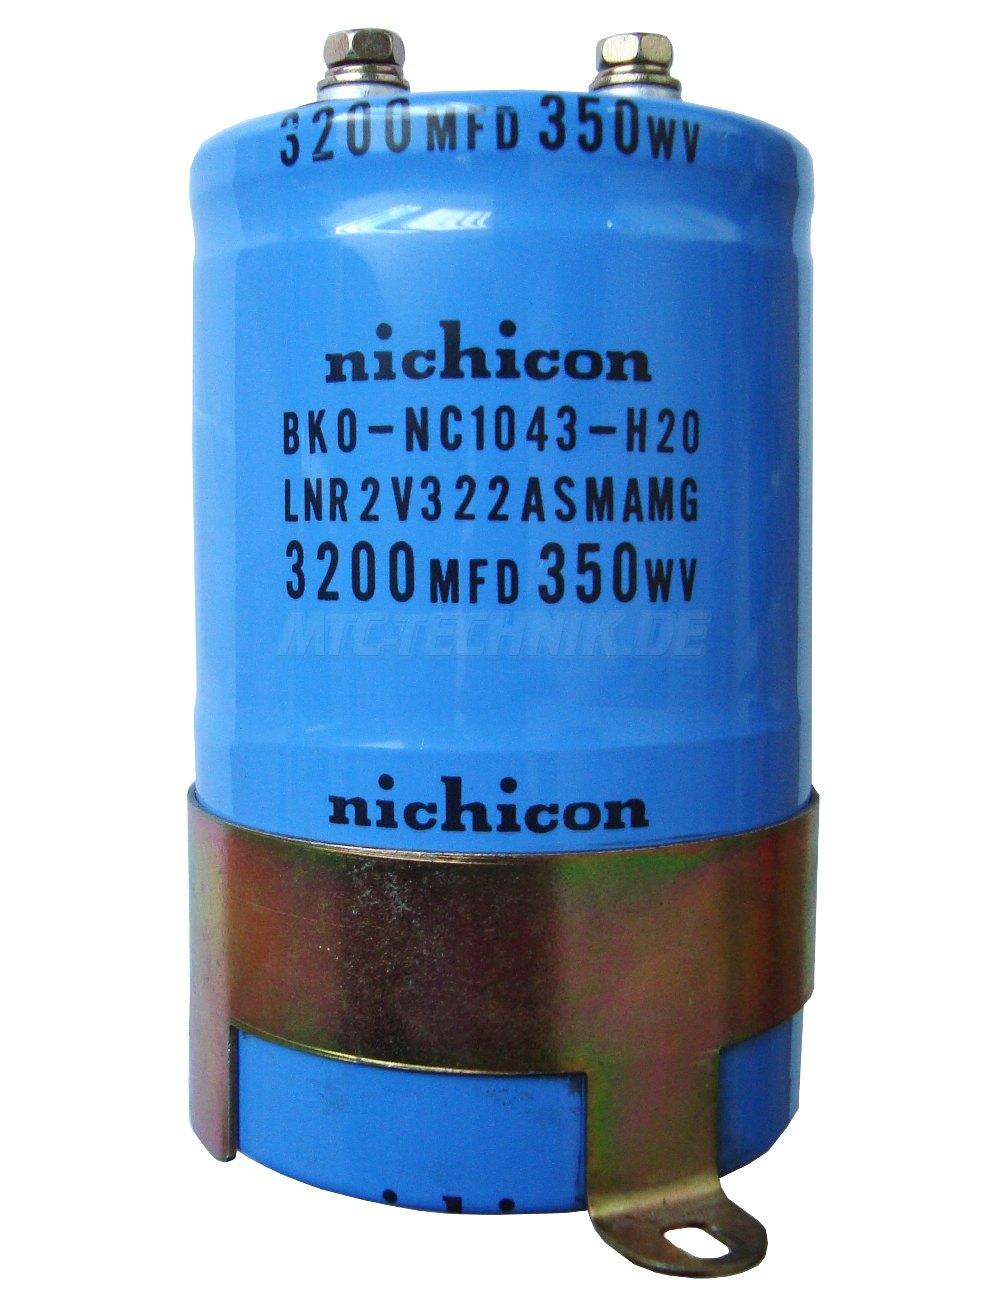 1 Nichicon Kondensator Bko-nc1043-h20 Bestellen Online